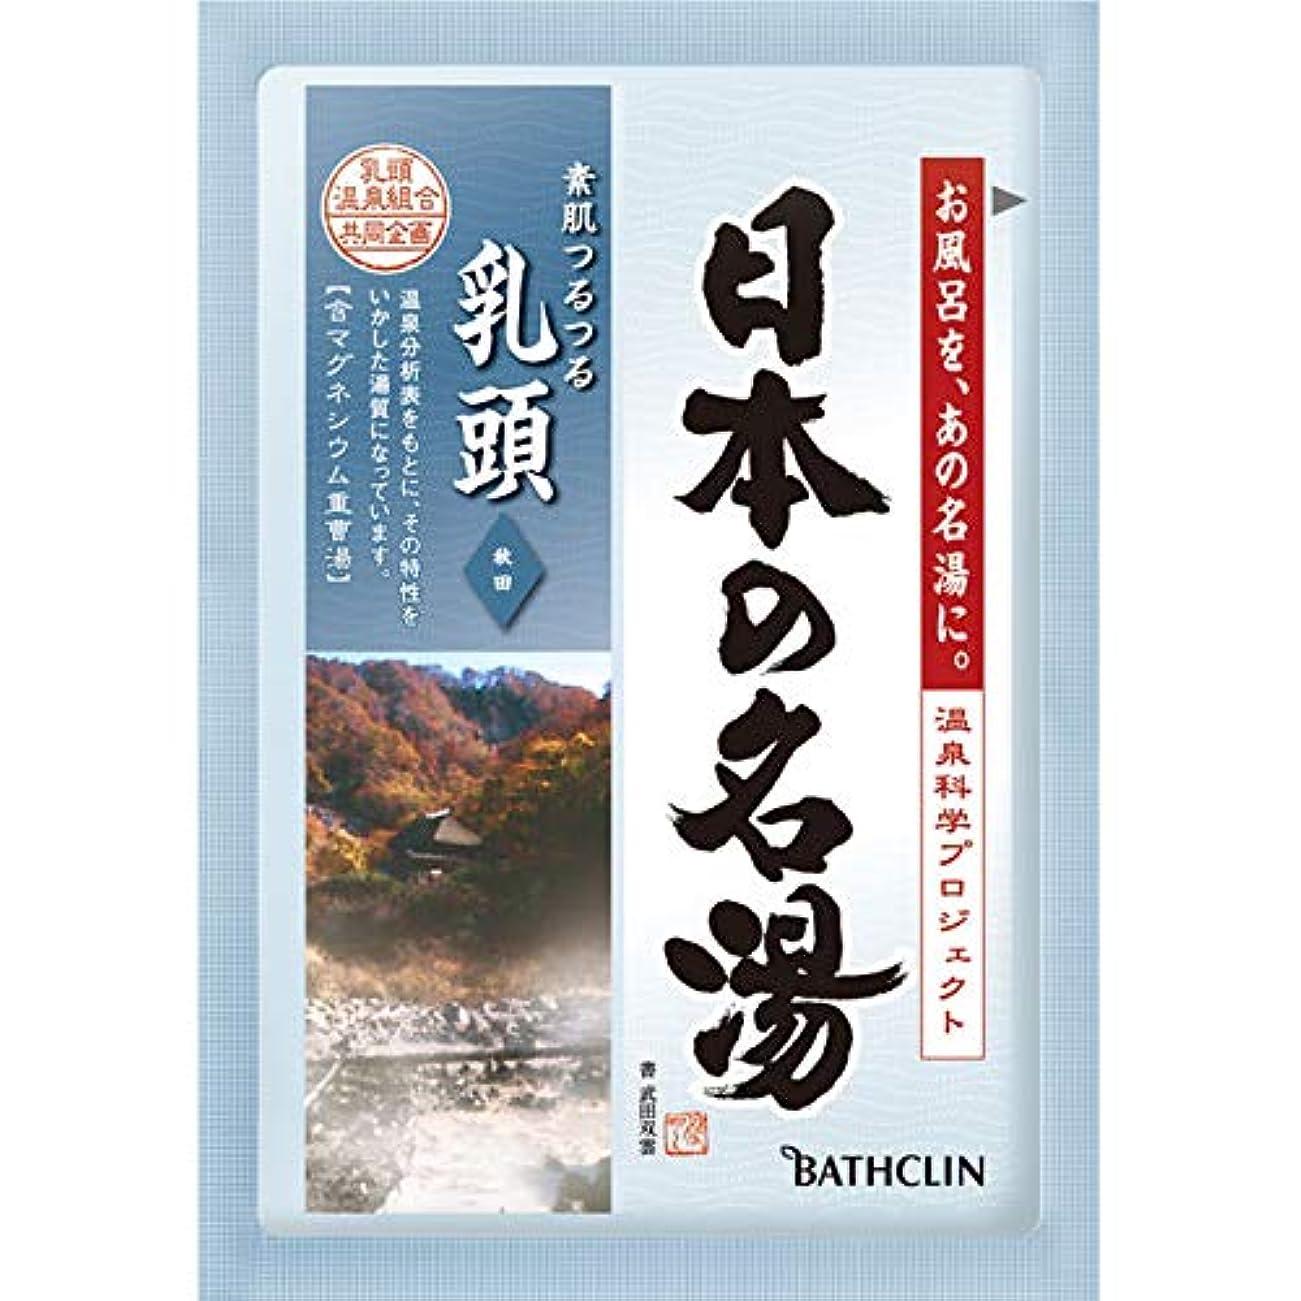 精巧なの試みるバスクリン 日本の名湯 乳頭 30g (医薬部外品)